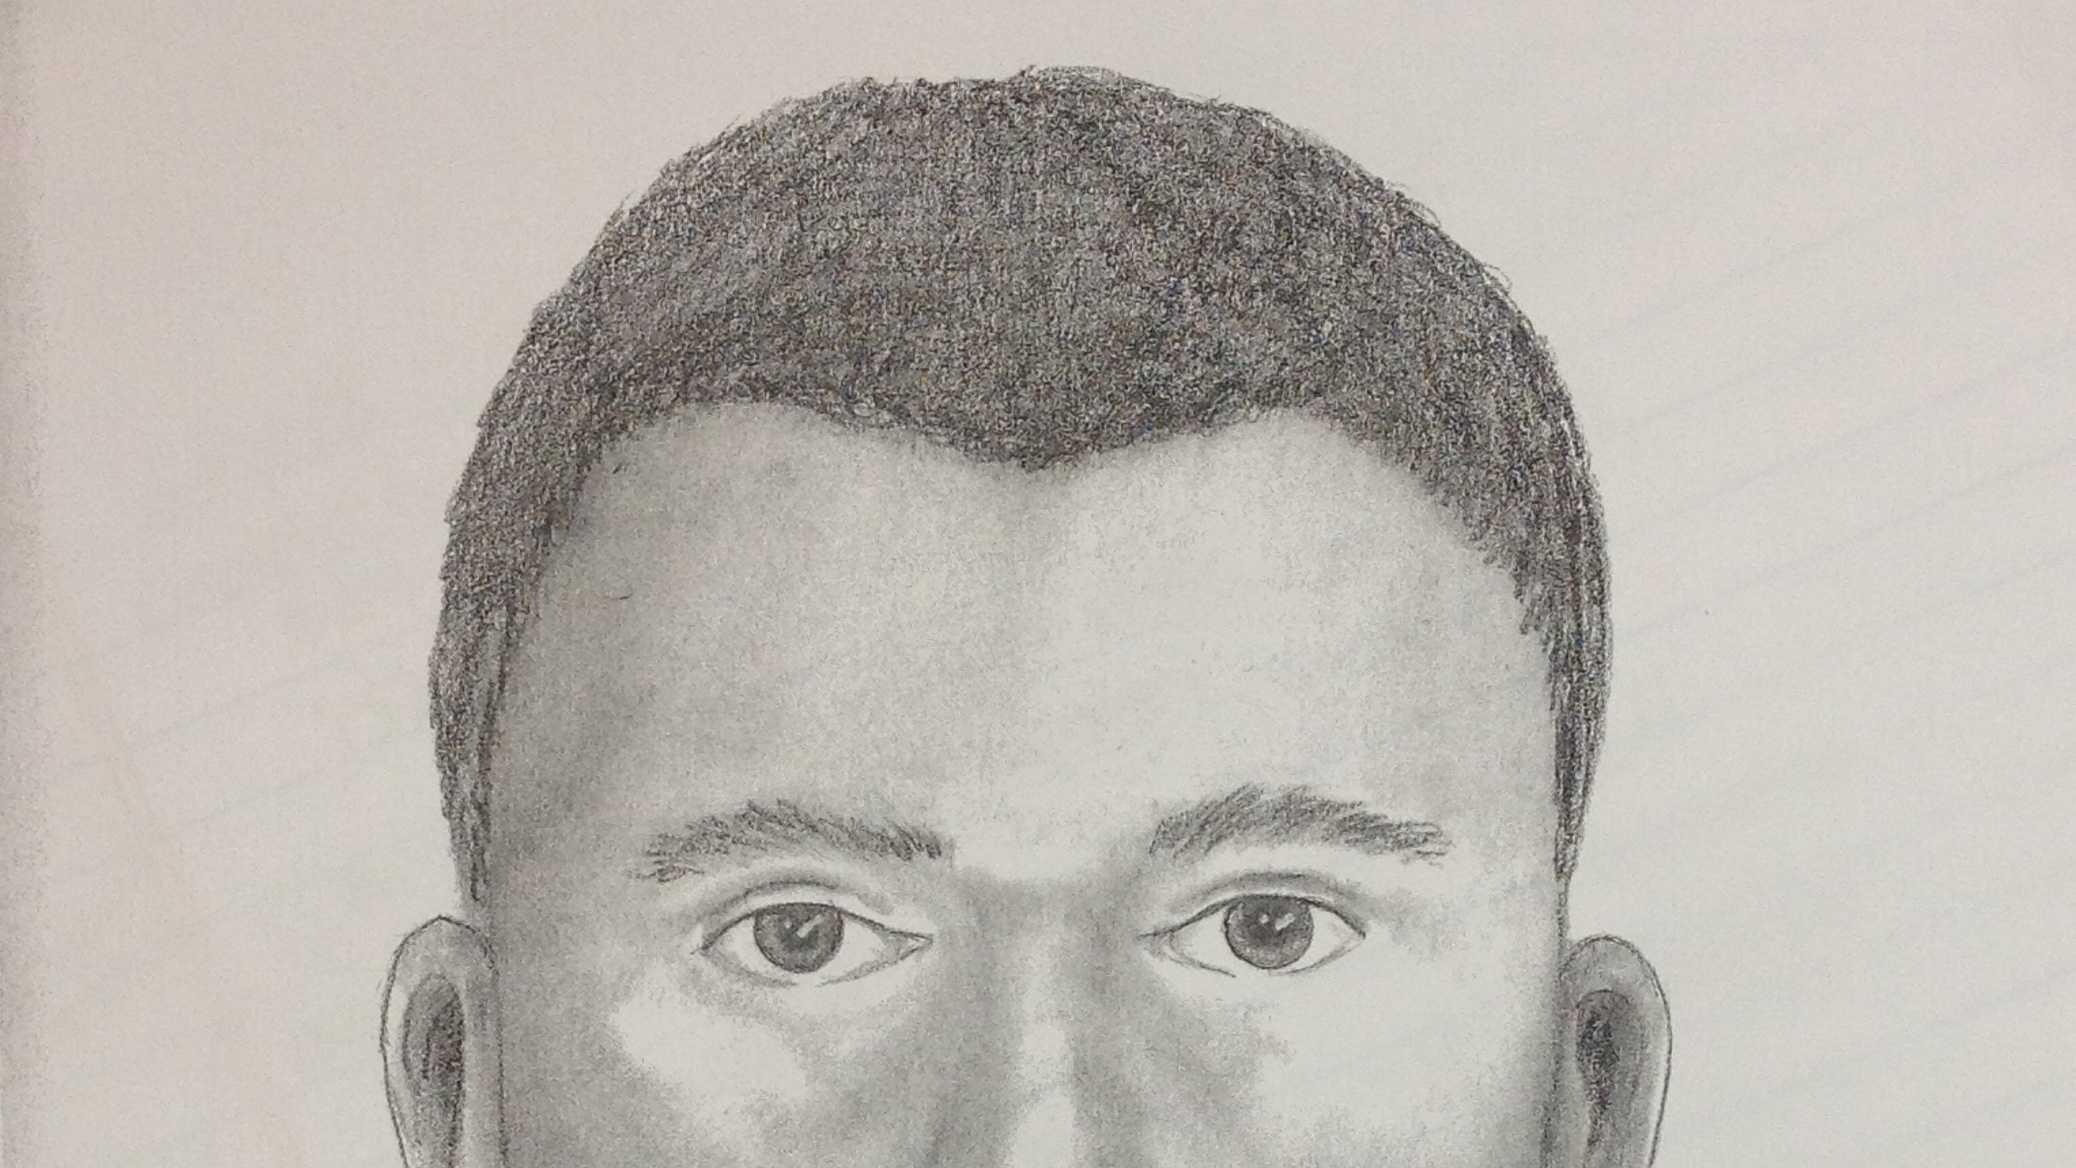 Jeffersonville teen sex assault suspect